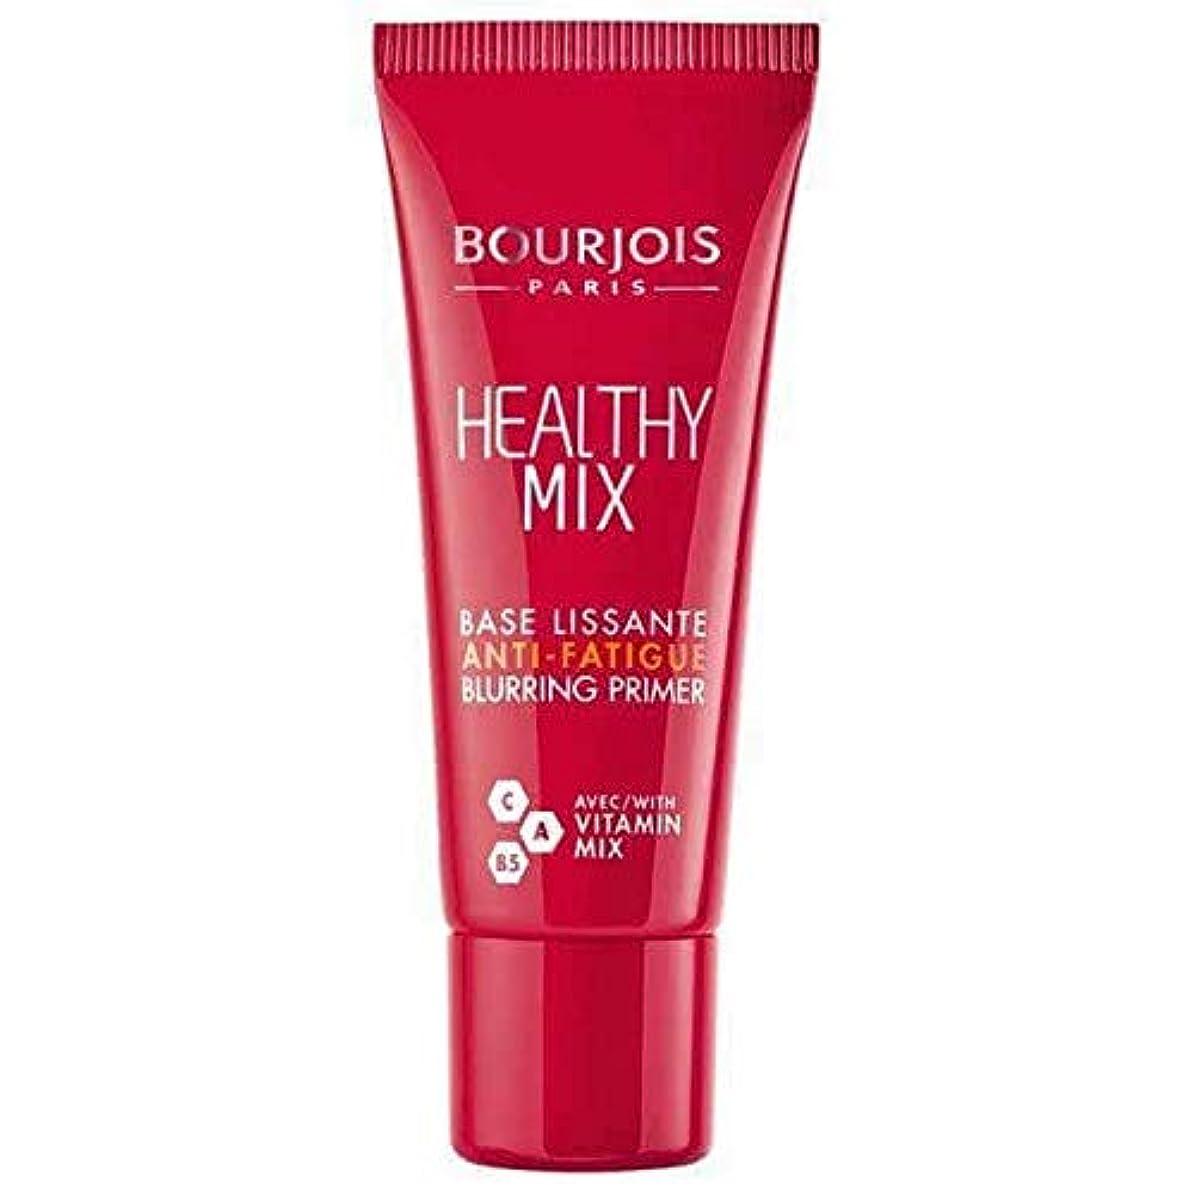 技術者ペスト限り[Bourjois ] ブルジョワヘルシーミックスフェイスプライマー - Bourjois Healthy Mix Face Primer [並行輸入品]